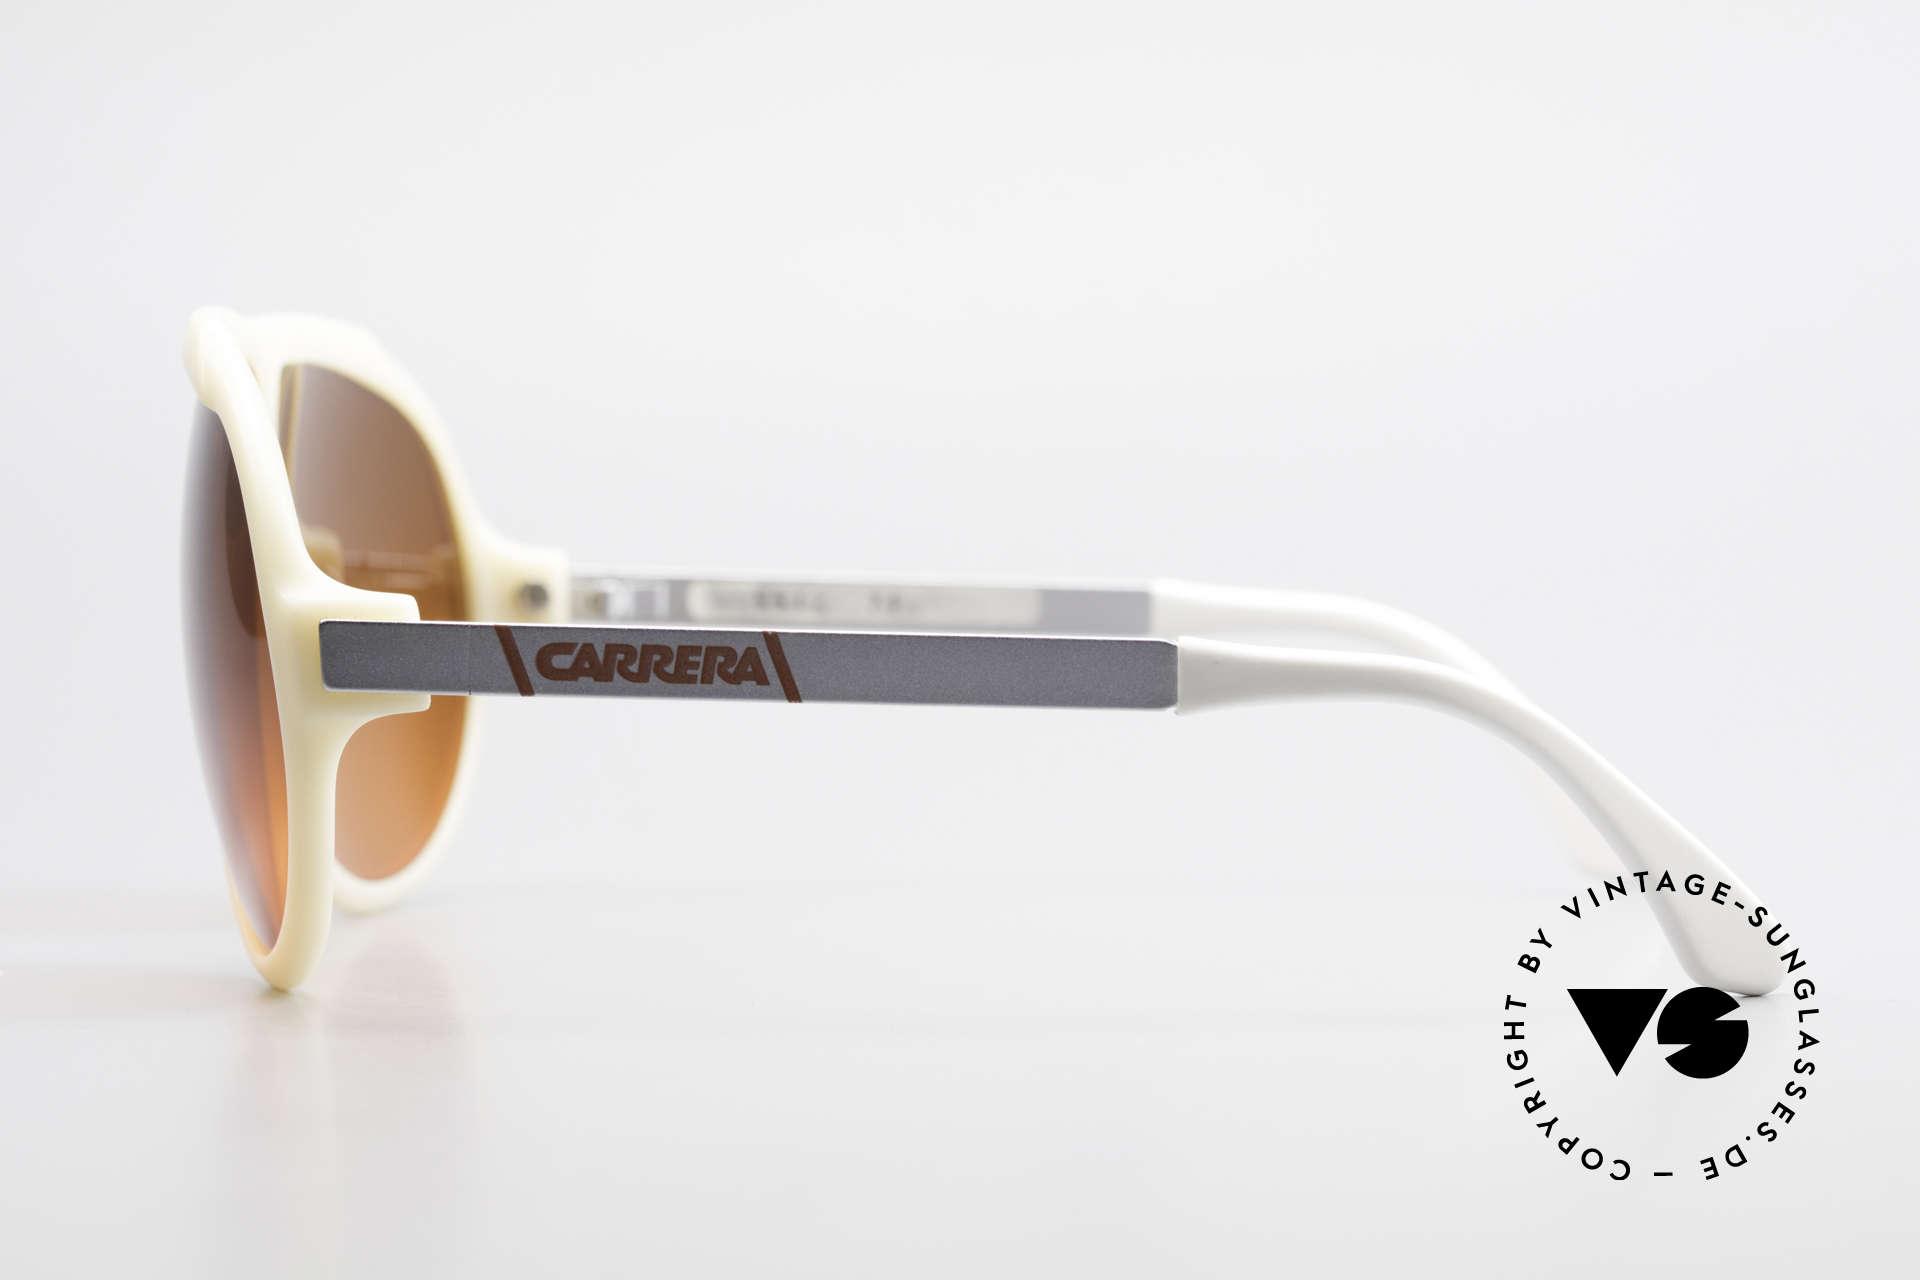 Carrera 5512 Miami Vice Sunset Sonnenbrille, absolutes Kultobjekt & weltweit begehrtes Sammlerstück, Passend für Herren